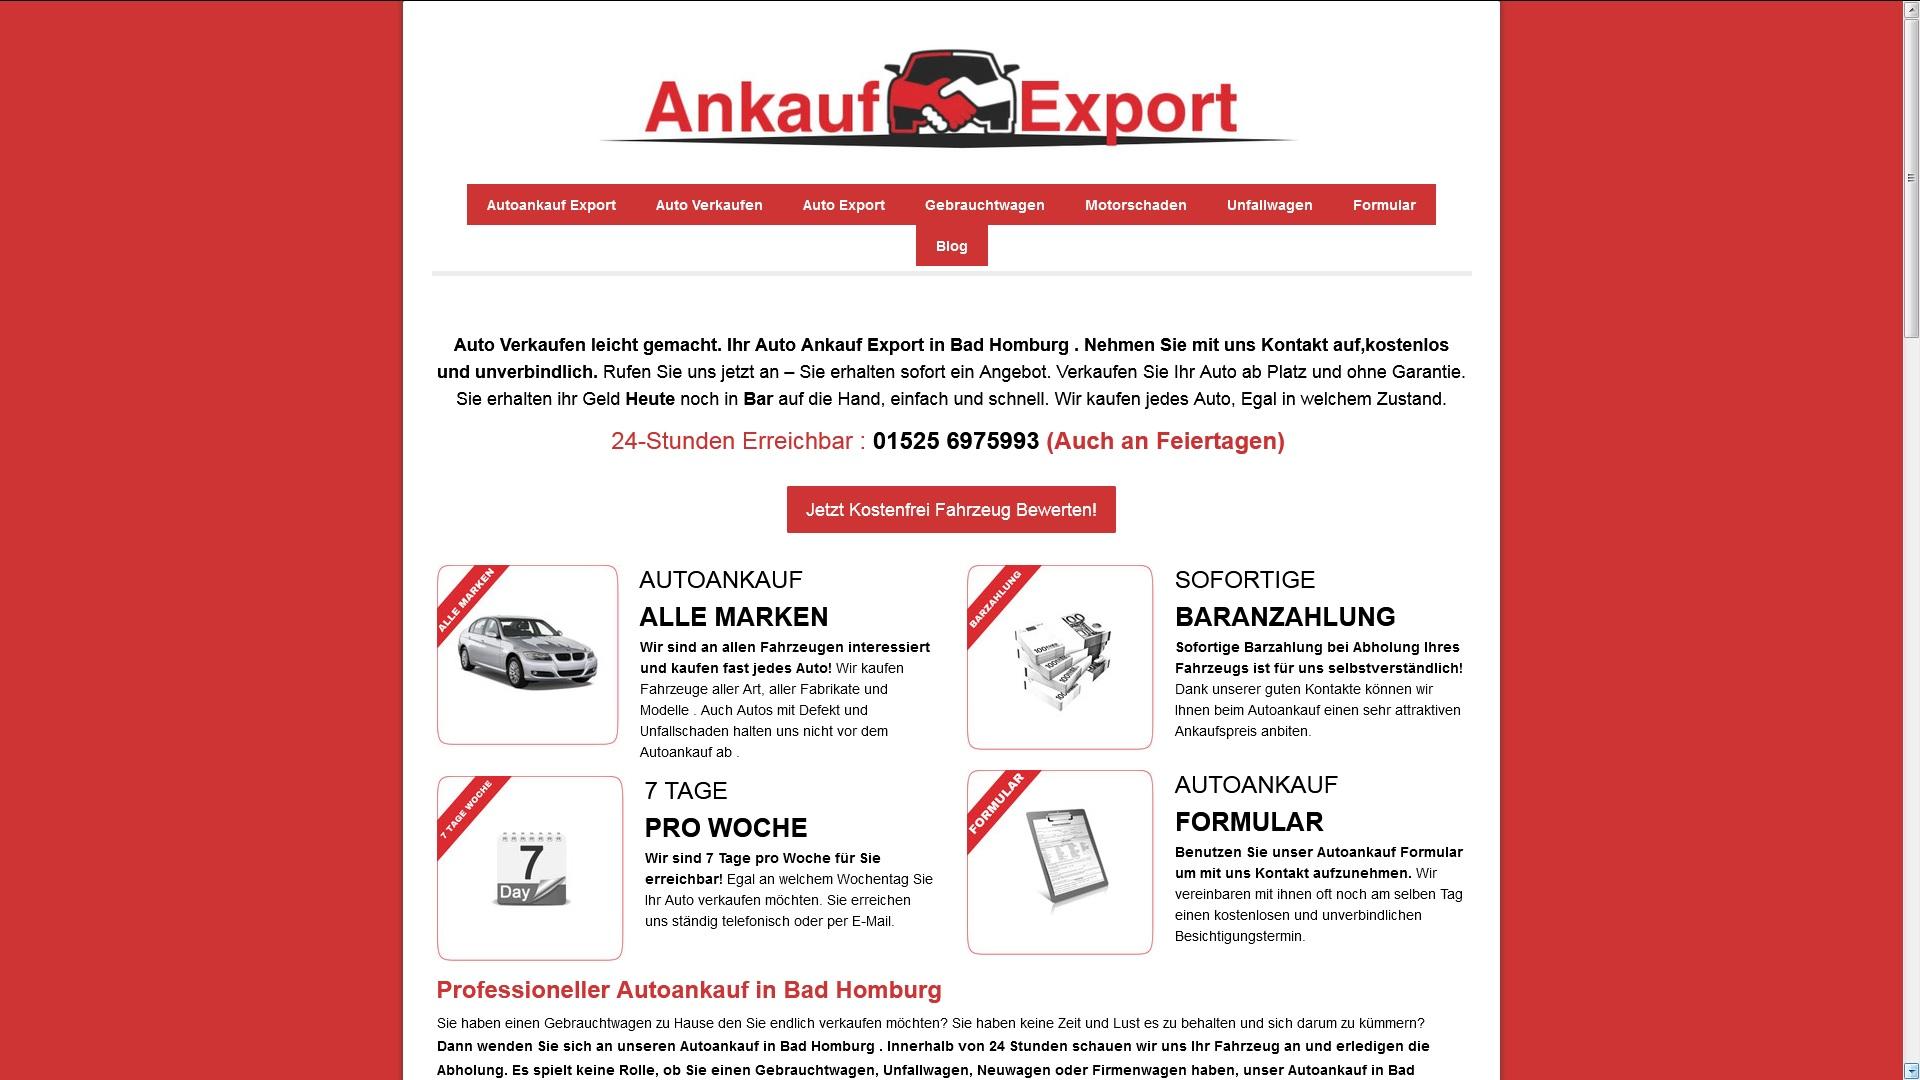 autoankauf ludwigsburg wir sind an allen fahrzeugen interessiert und kaufen fast jedes auto - Autoankauf Ludwigsburg – Wir sind an allen Fahrzeugen interessiert und kaufen fast jedes Auto